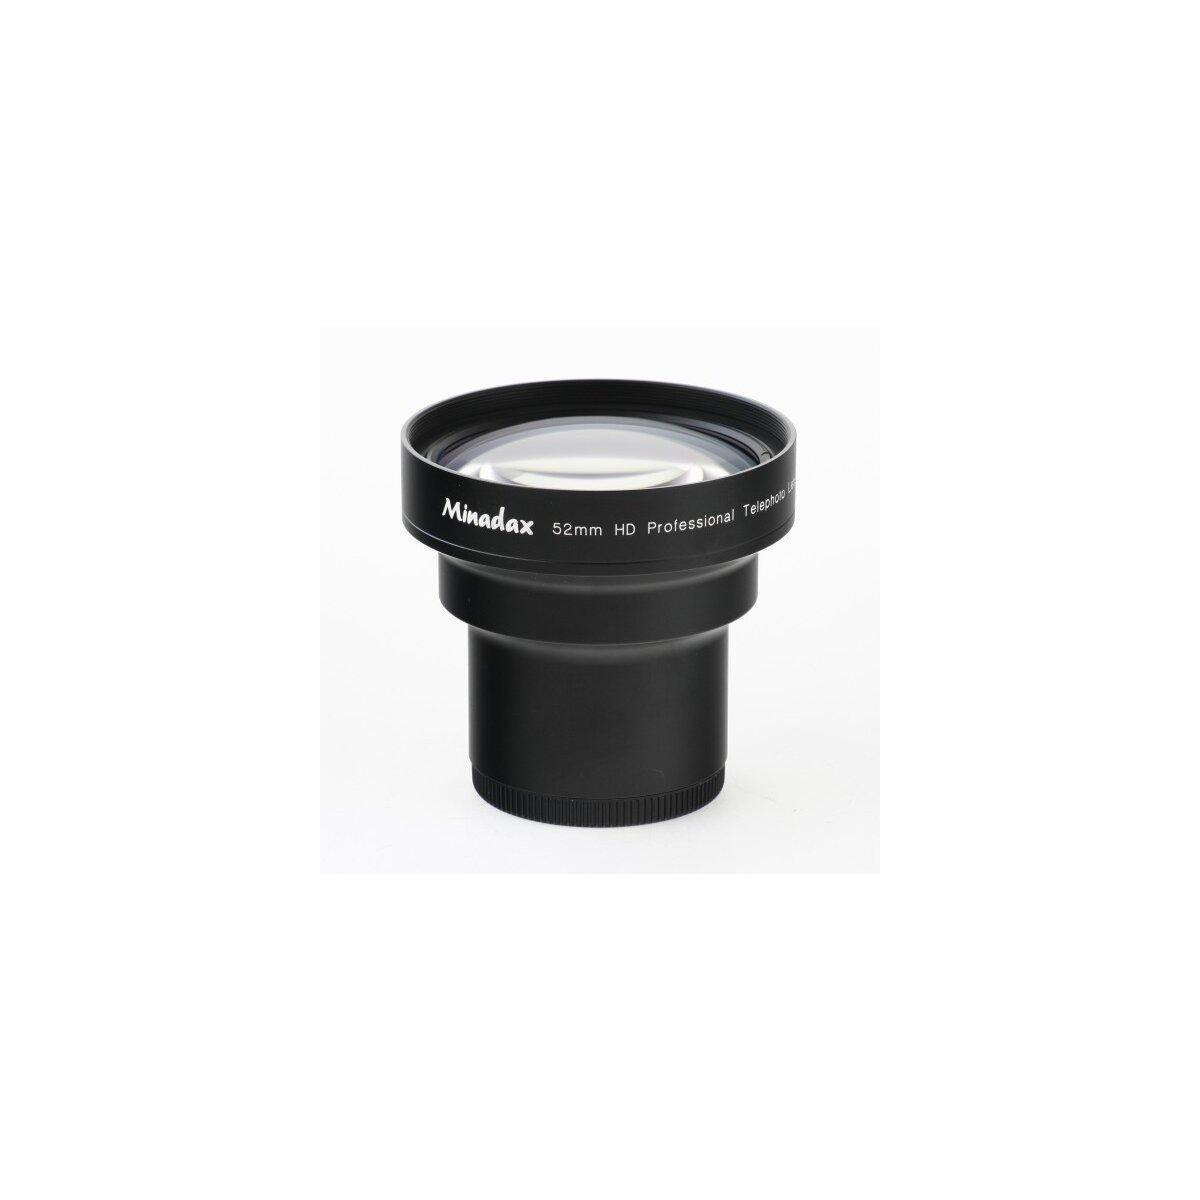 1.7x Minadax Tele Vorsatz kompatibel für Sony DSC-F505, DSC-F505V